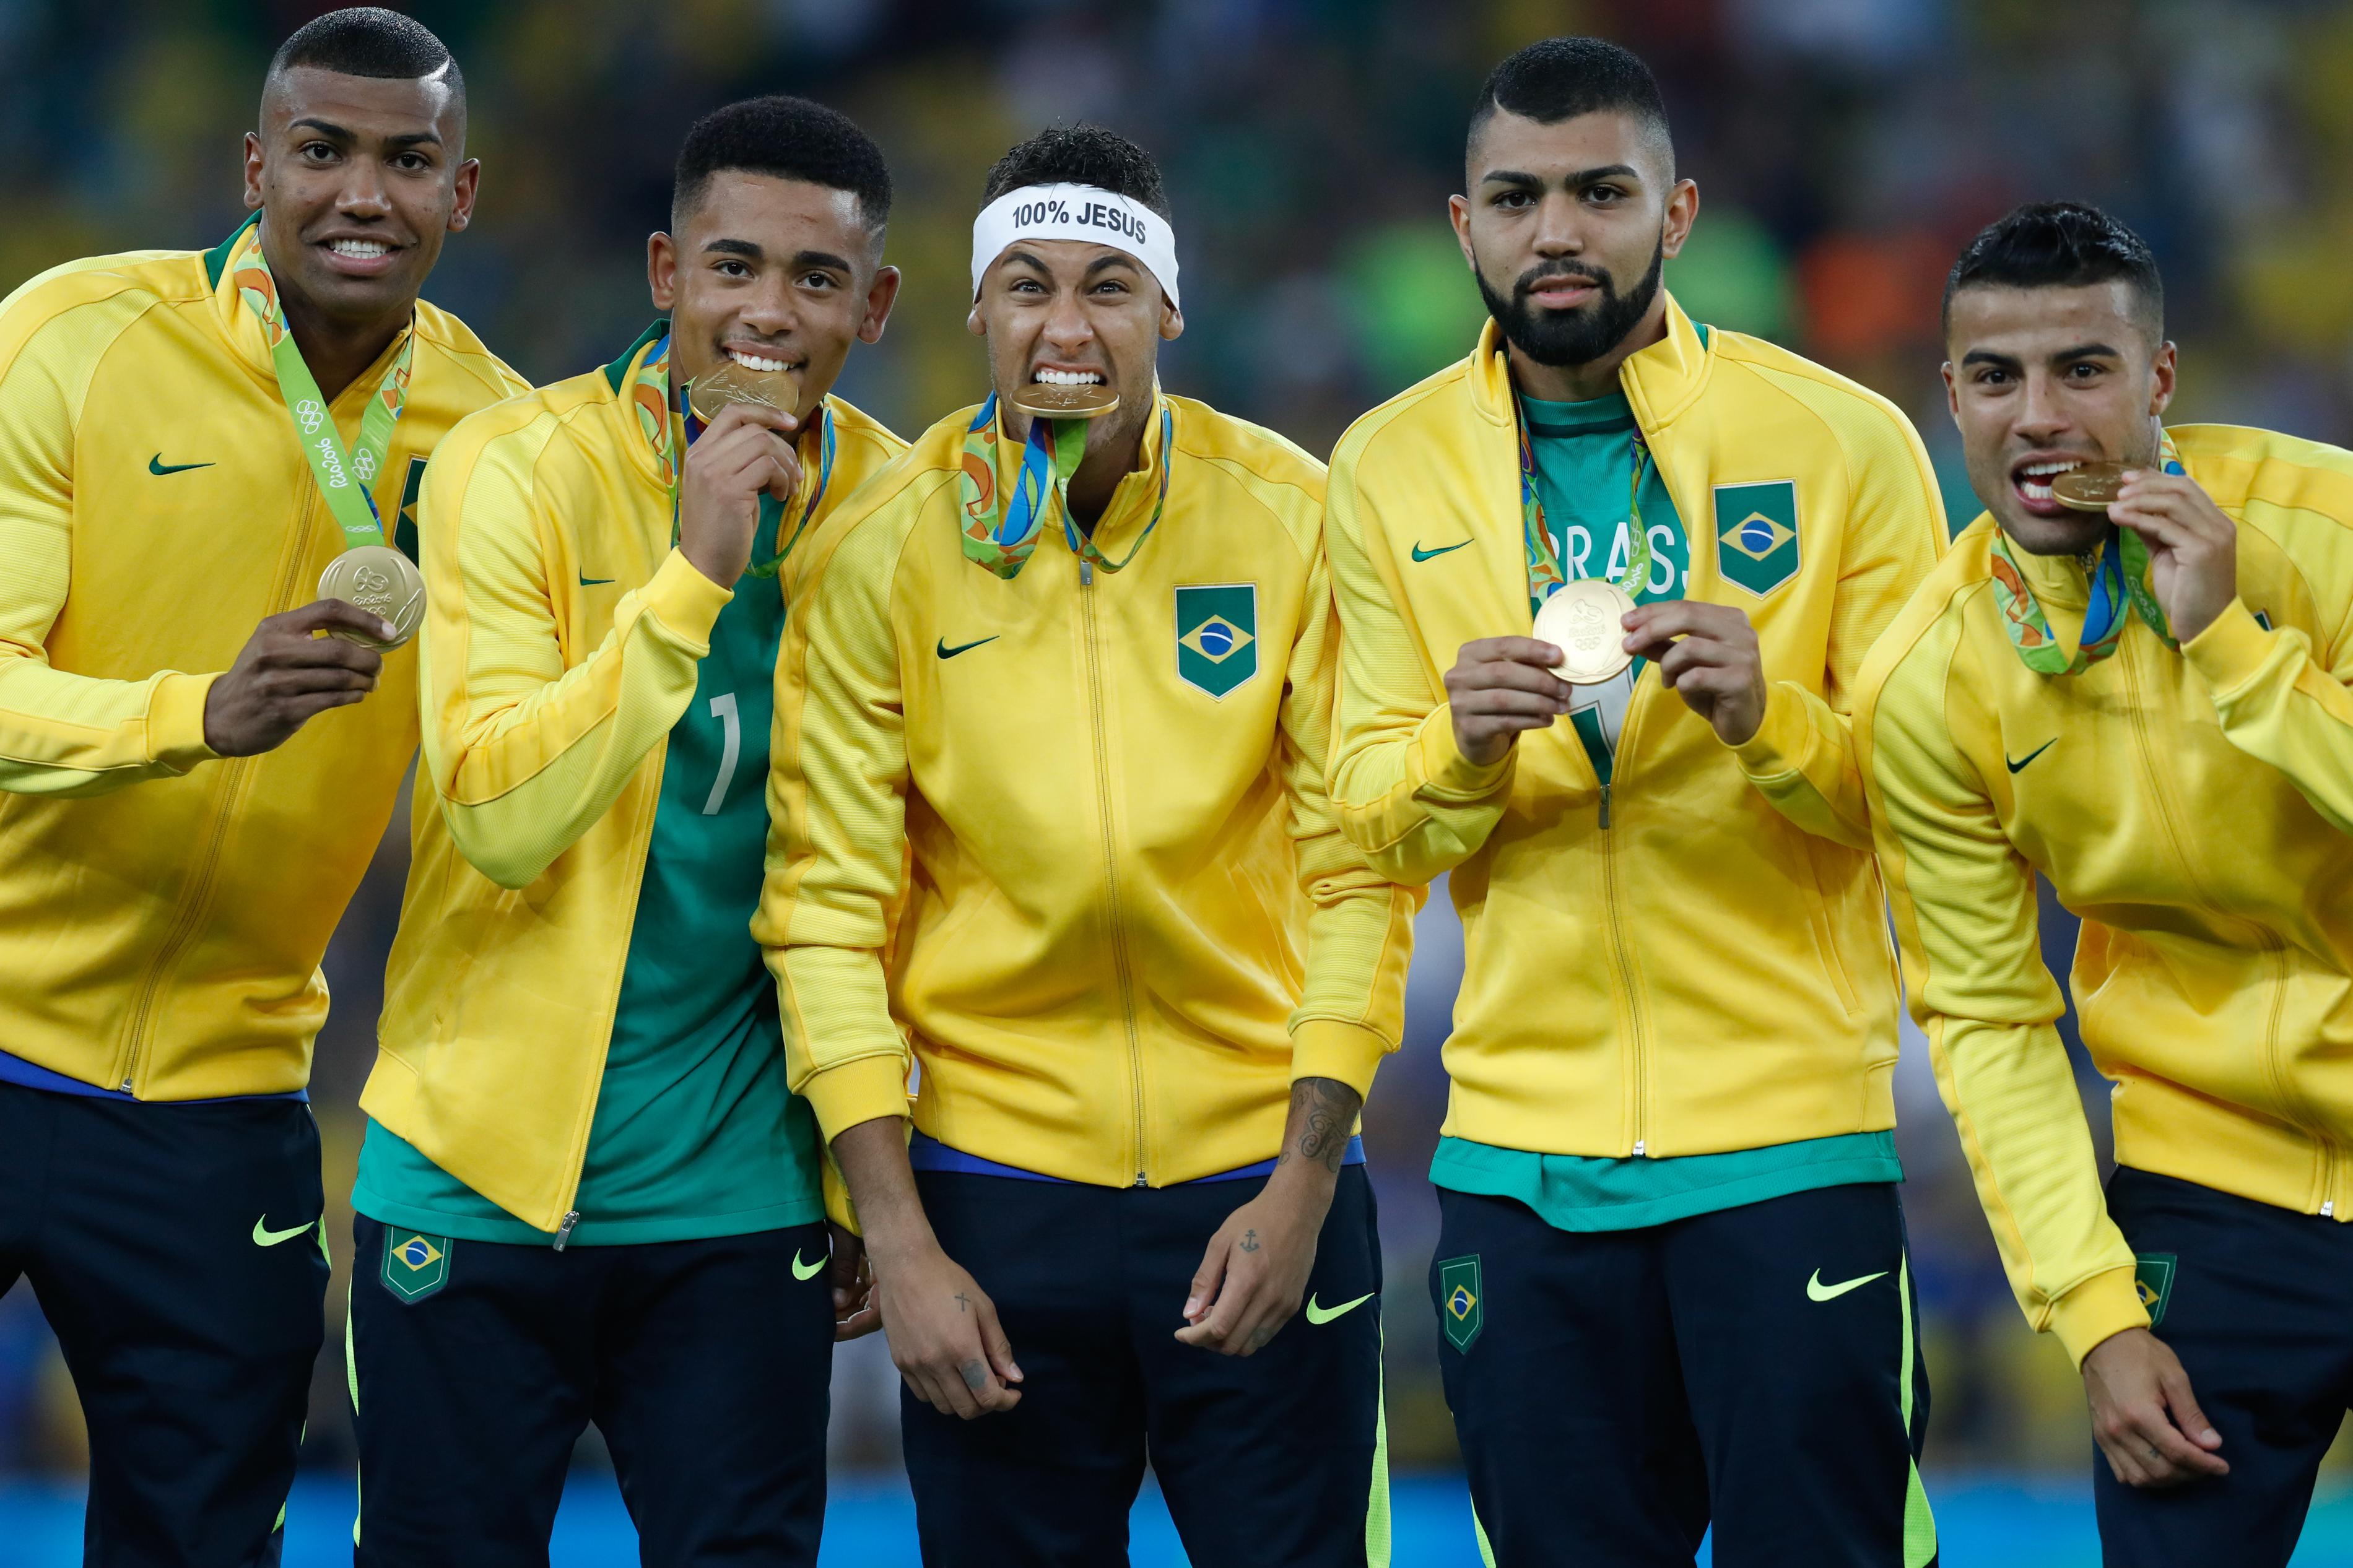 équipe du brésil mondial